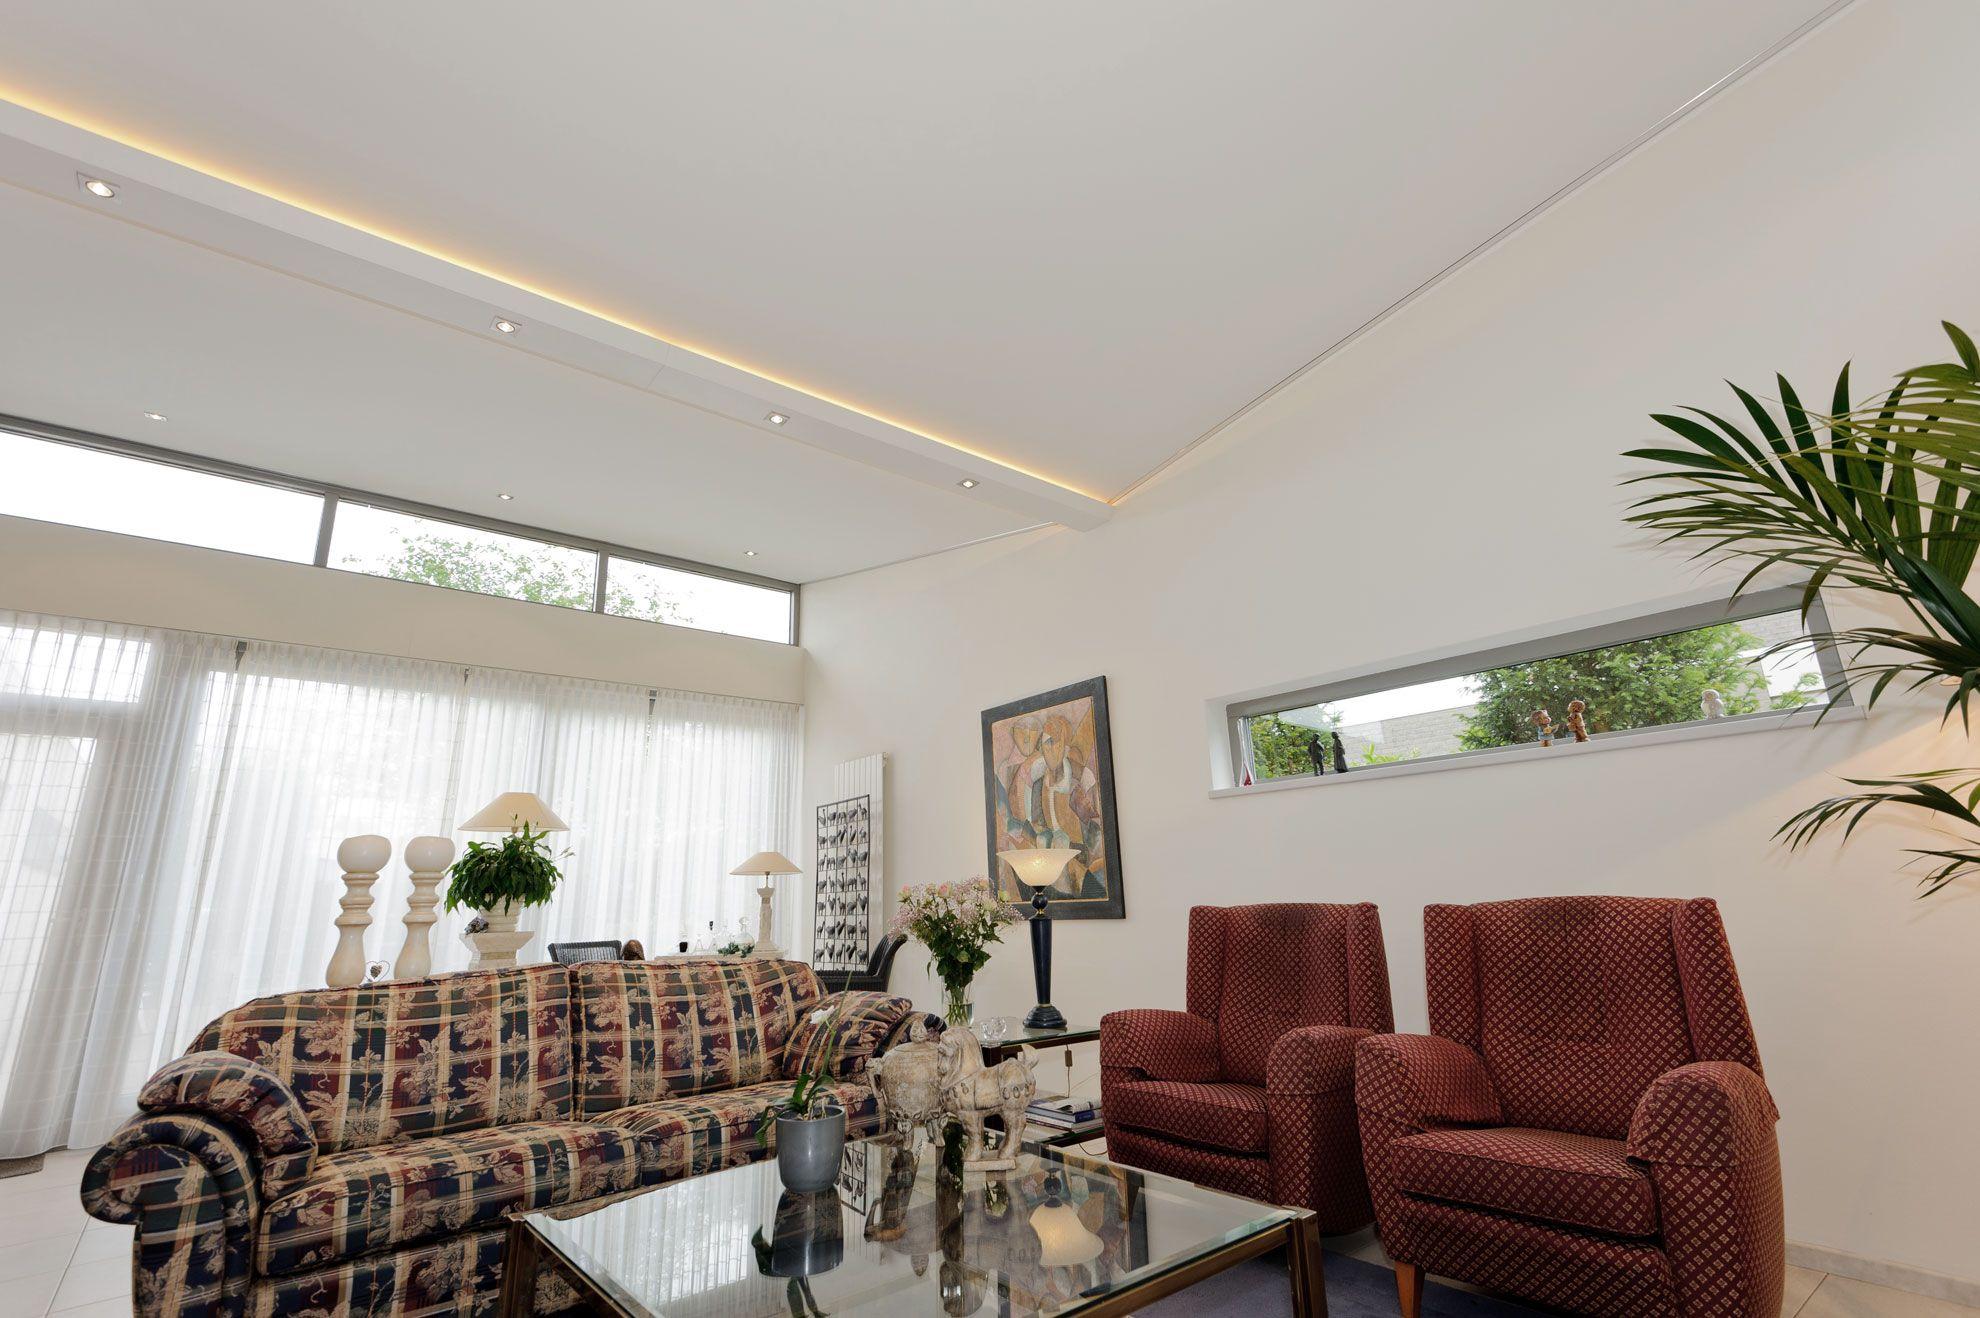 Full Size of Weie Wohnzimmerdecke Mit Beleuchtung In Den Deckenlamellen Liege Wohnzimmer Deckenlampe Schrankwand Deko Bilder Xxl Decke Led Deckenleuchte Tagesdecken Für Wohnzimmer Wohnzimmer Decke